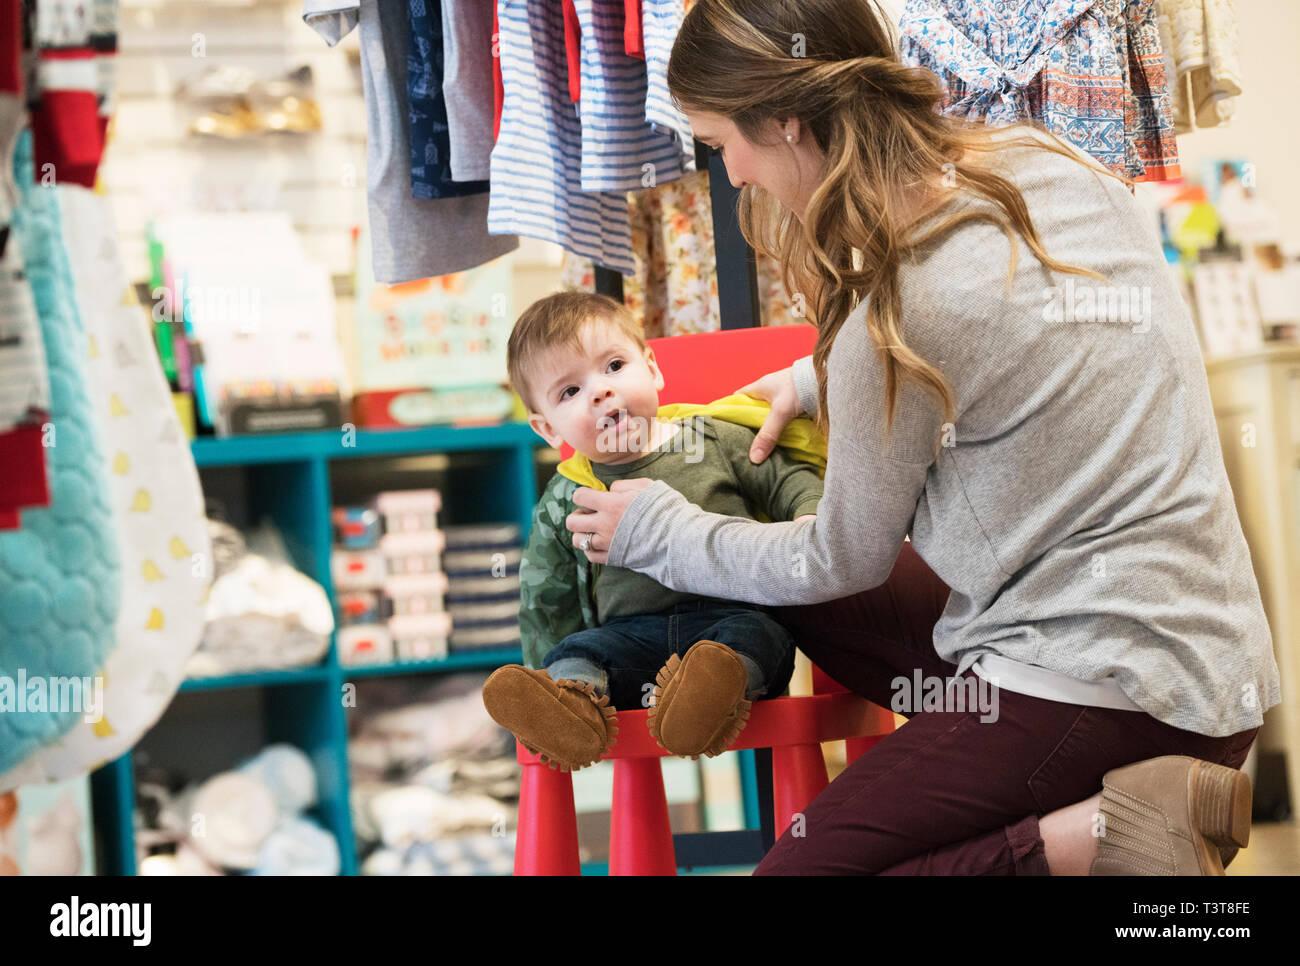 5bd7363a3 La madre y el bebé caucásica hijo de compras en la tienda de ropa Imagen De